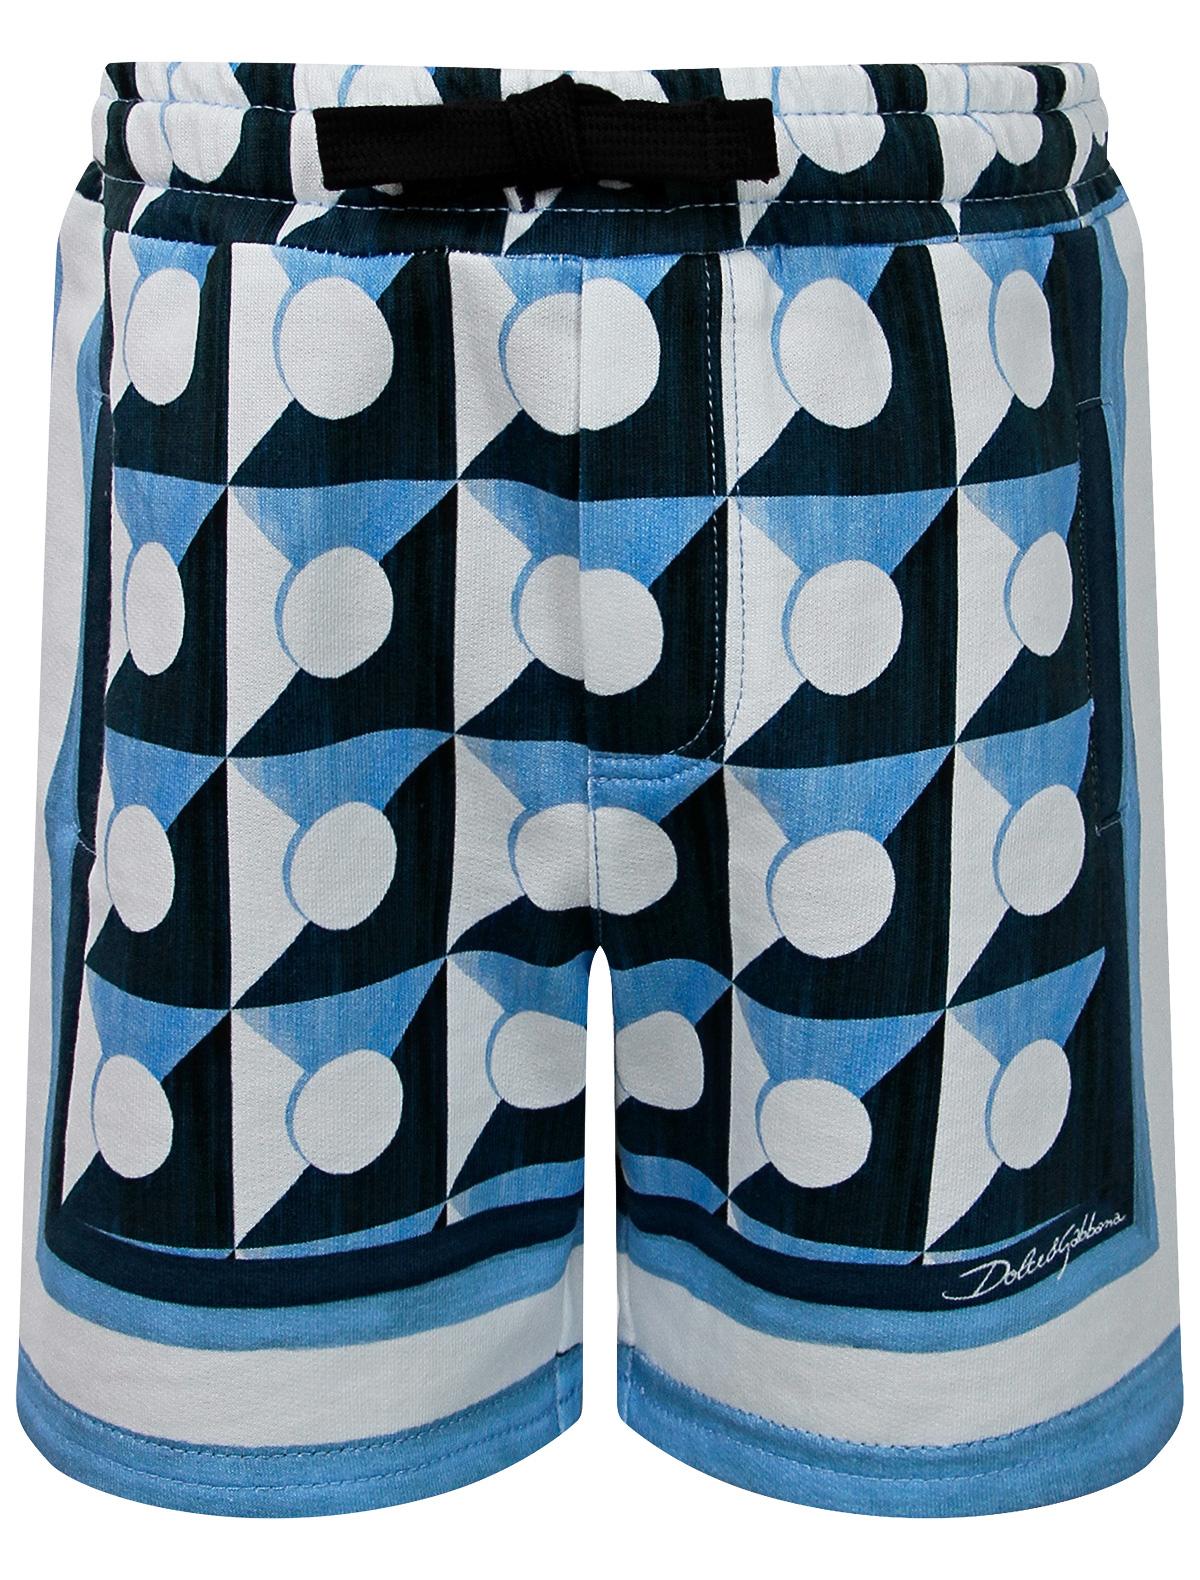 Купить 2296374, Шорты Dolce & Gabbana, синий, Мужской, 1414519177723